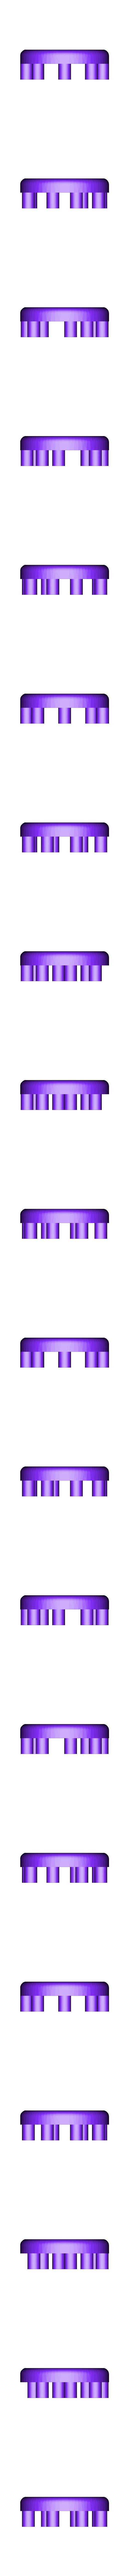 Panier.STL Télécharger fichier STL Catabasket (jeu d'équipe,soirée,famille) • Modèle à imprimer en 3D, Gael_B